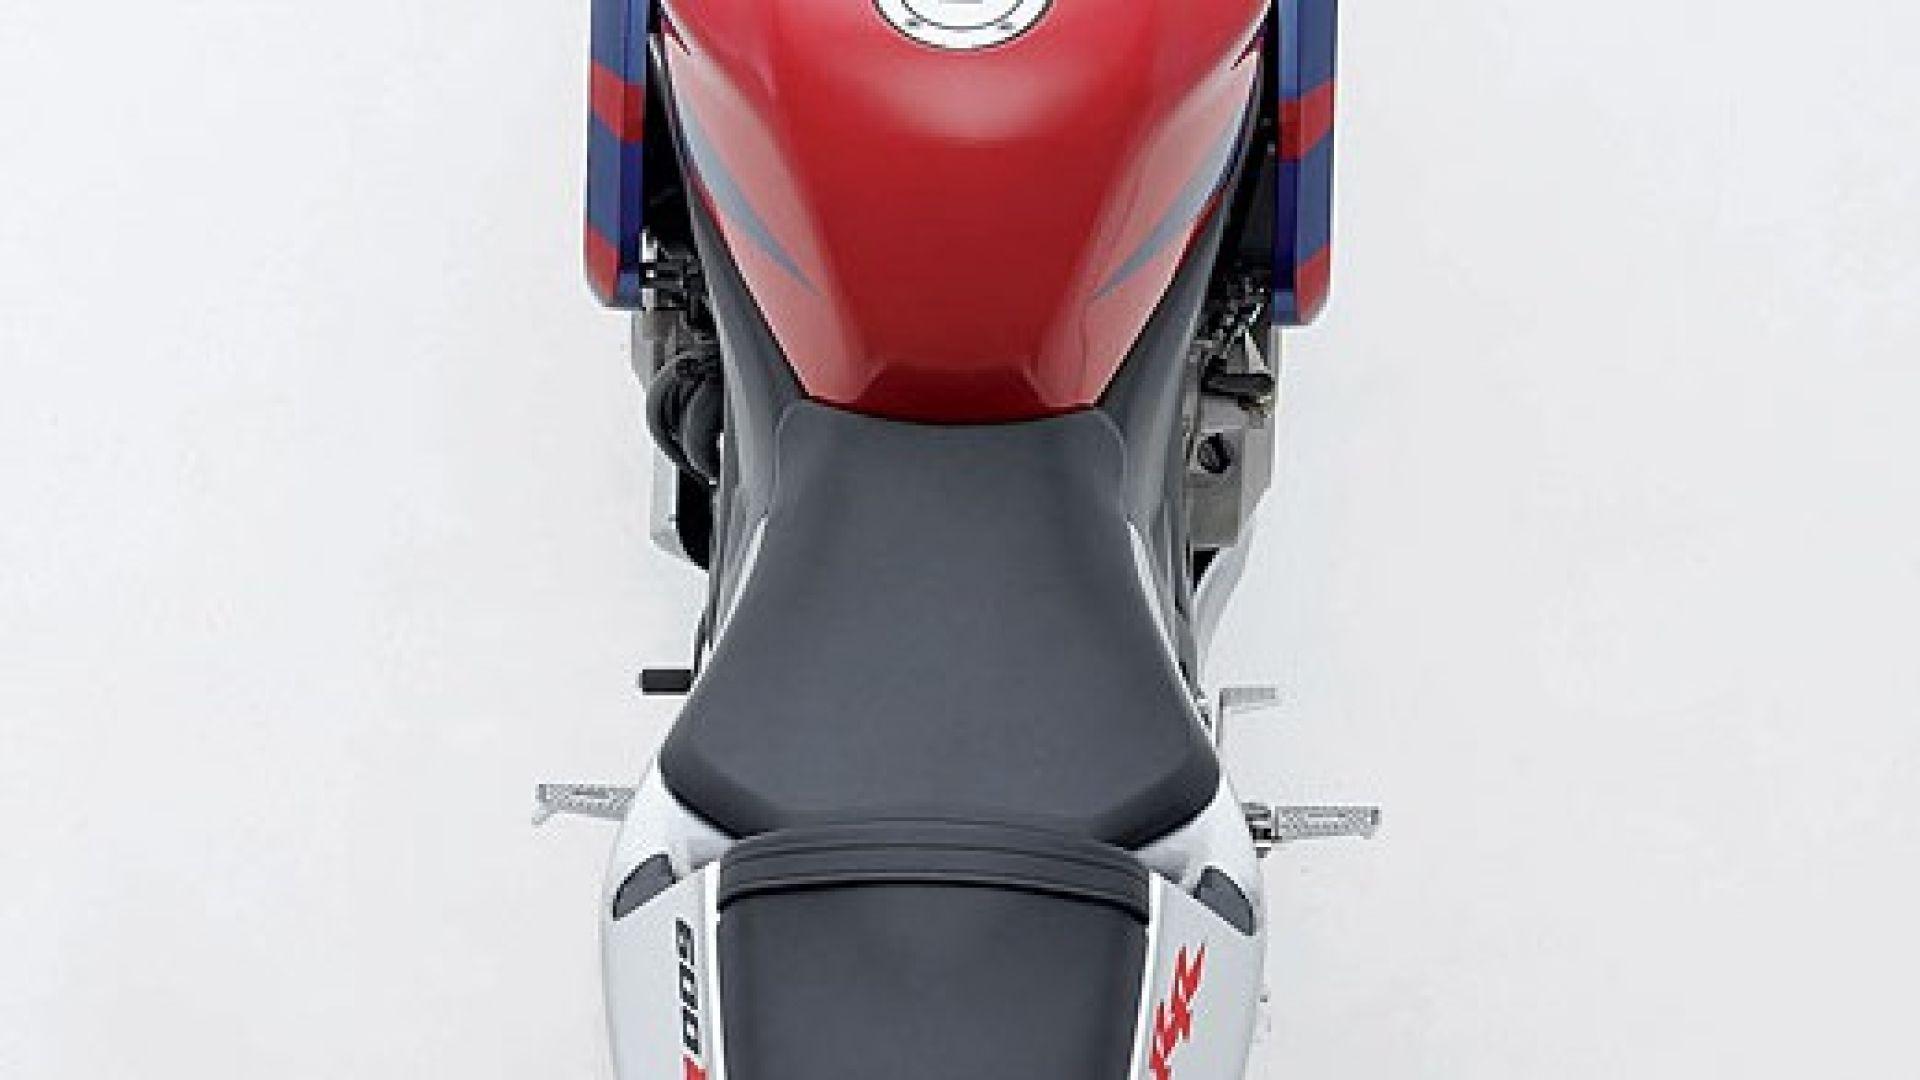 Immagine 4: Honda CBR 600 RR 2005